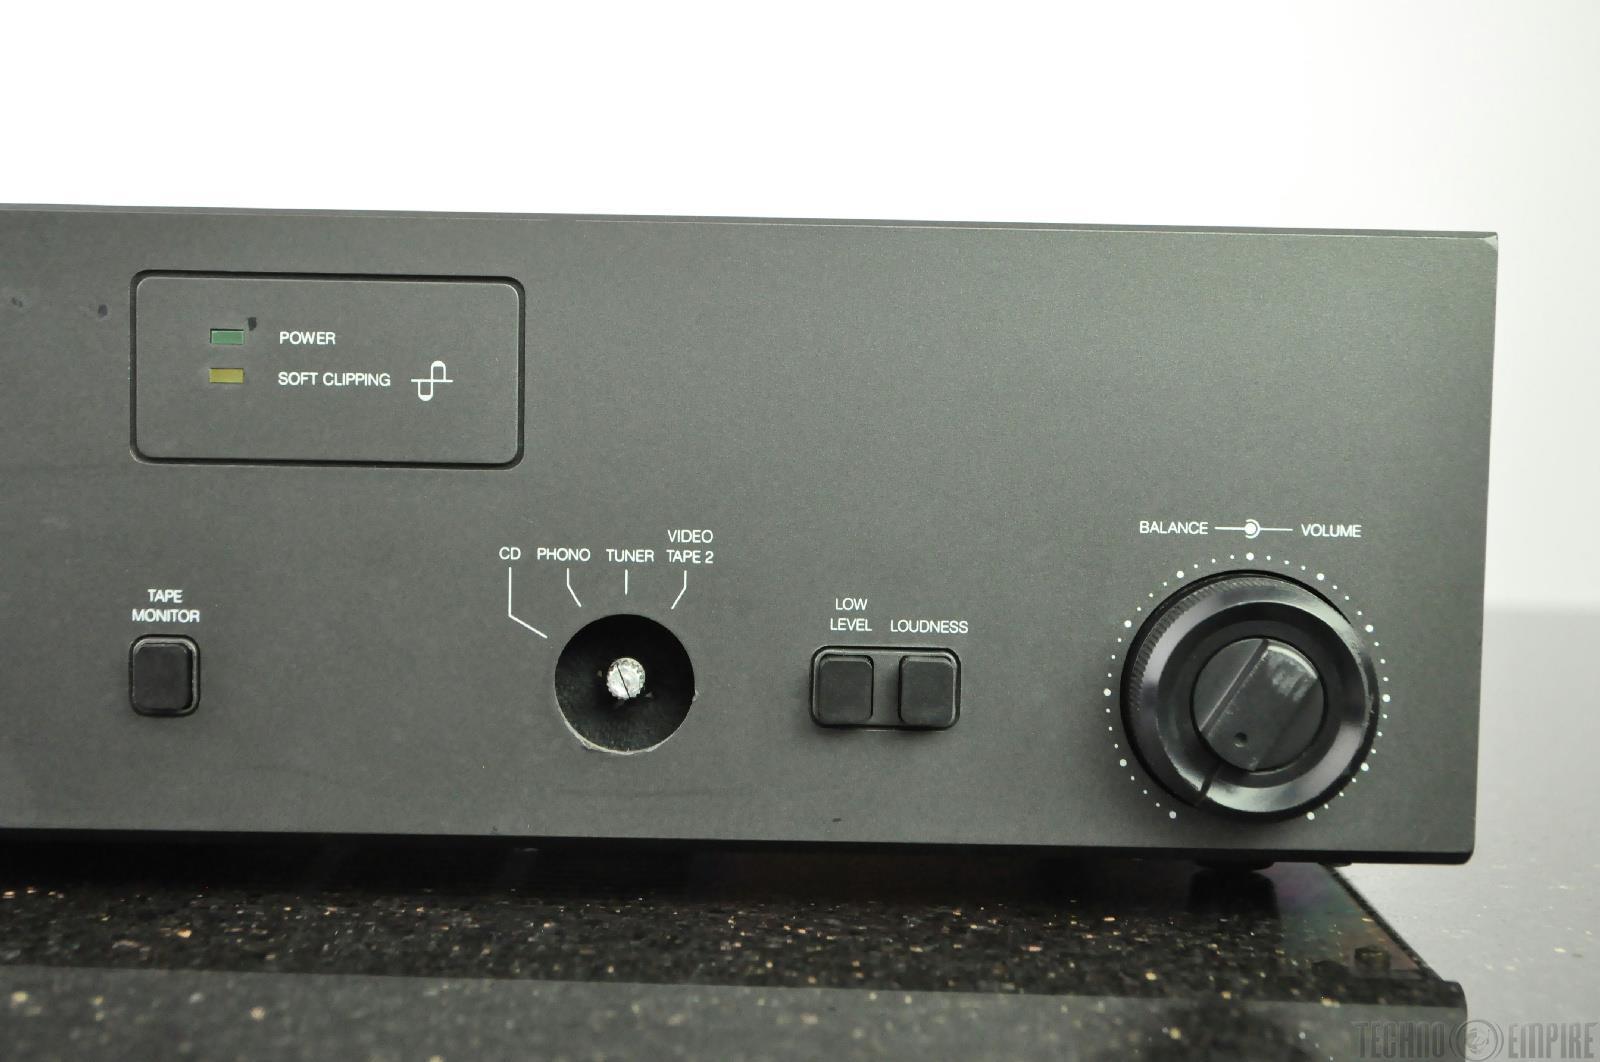 amplifier repair nad amplifier repair uk rh amplifierrepairkuamia blogspot com nad 3130 amplifier review nad 3130 amplifier specs